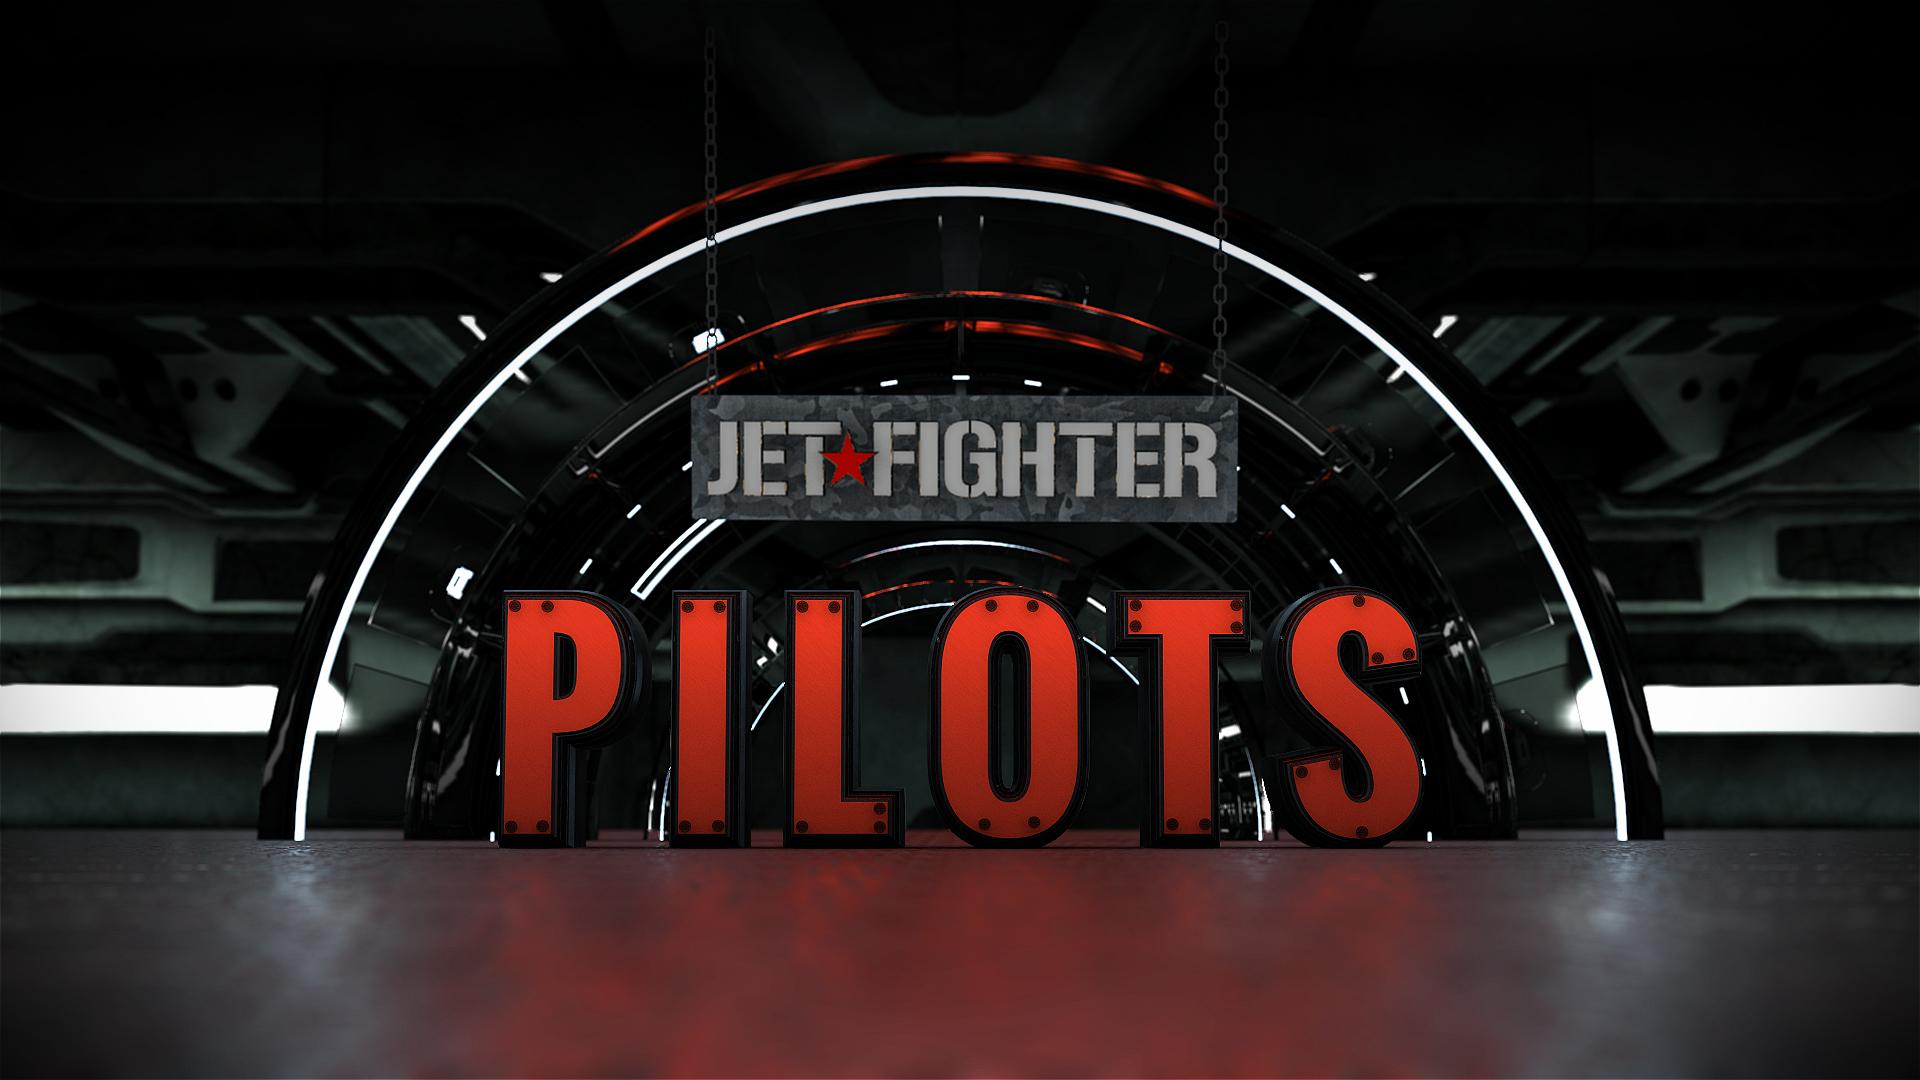 Jet Fighter: YAK 52TW Warbird & L39 Albatros Pilot. Adventure Flight, Adrenaline Flight & Scenic Flights